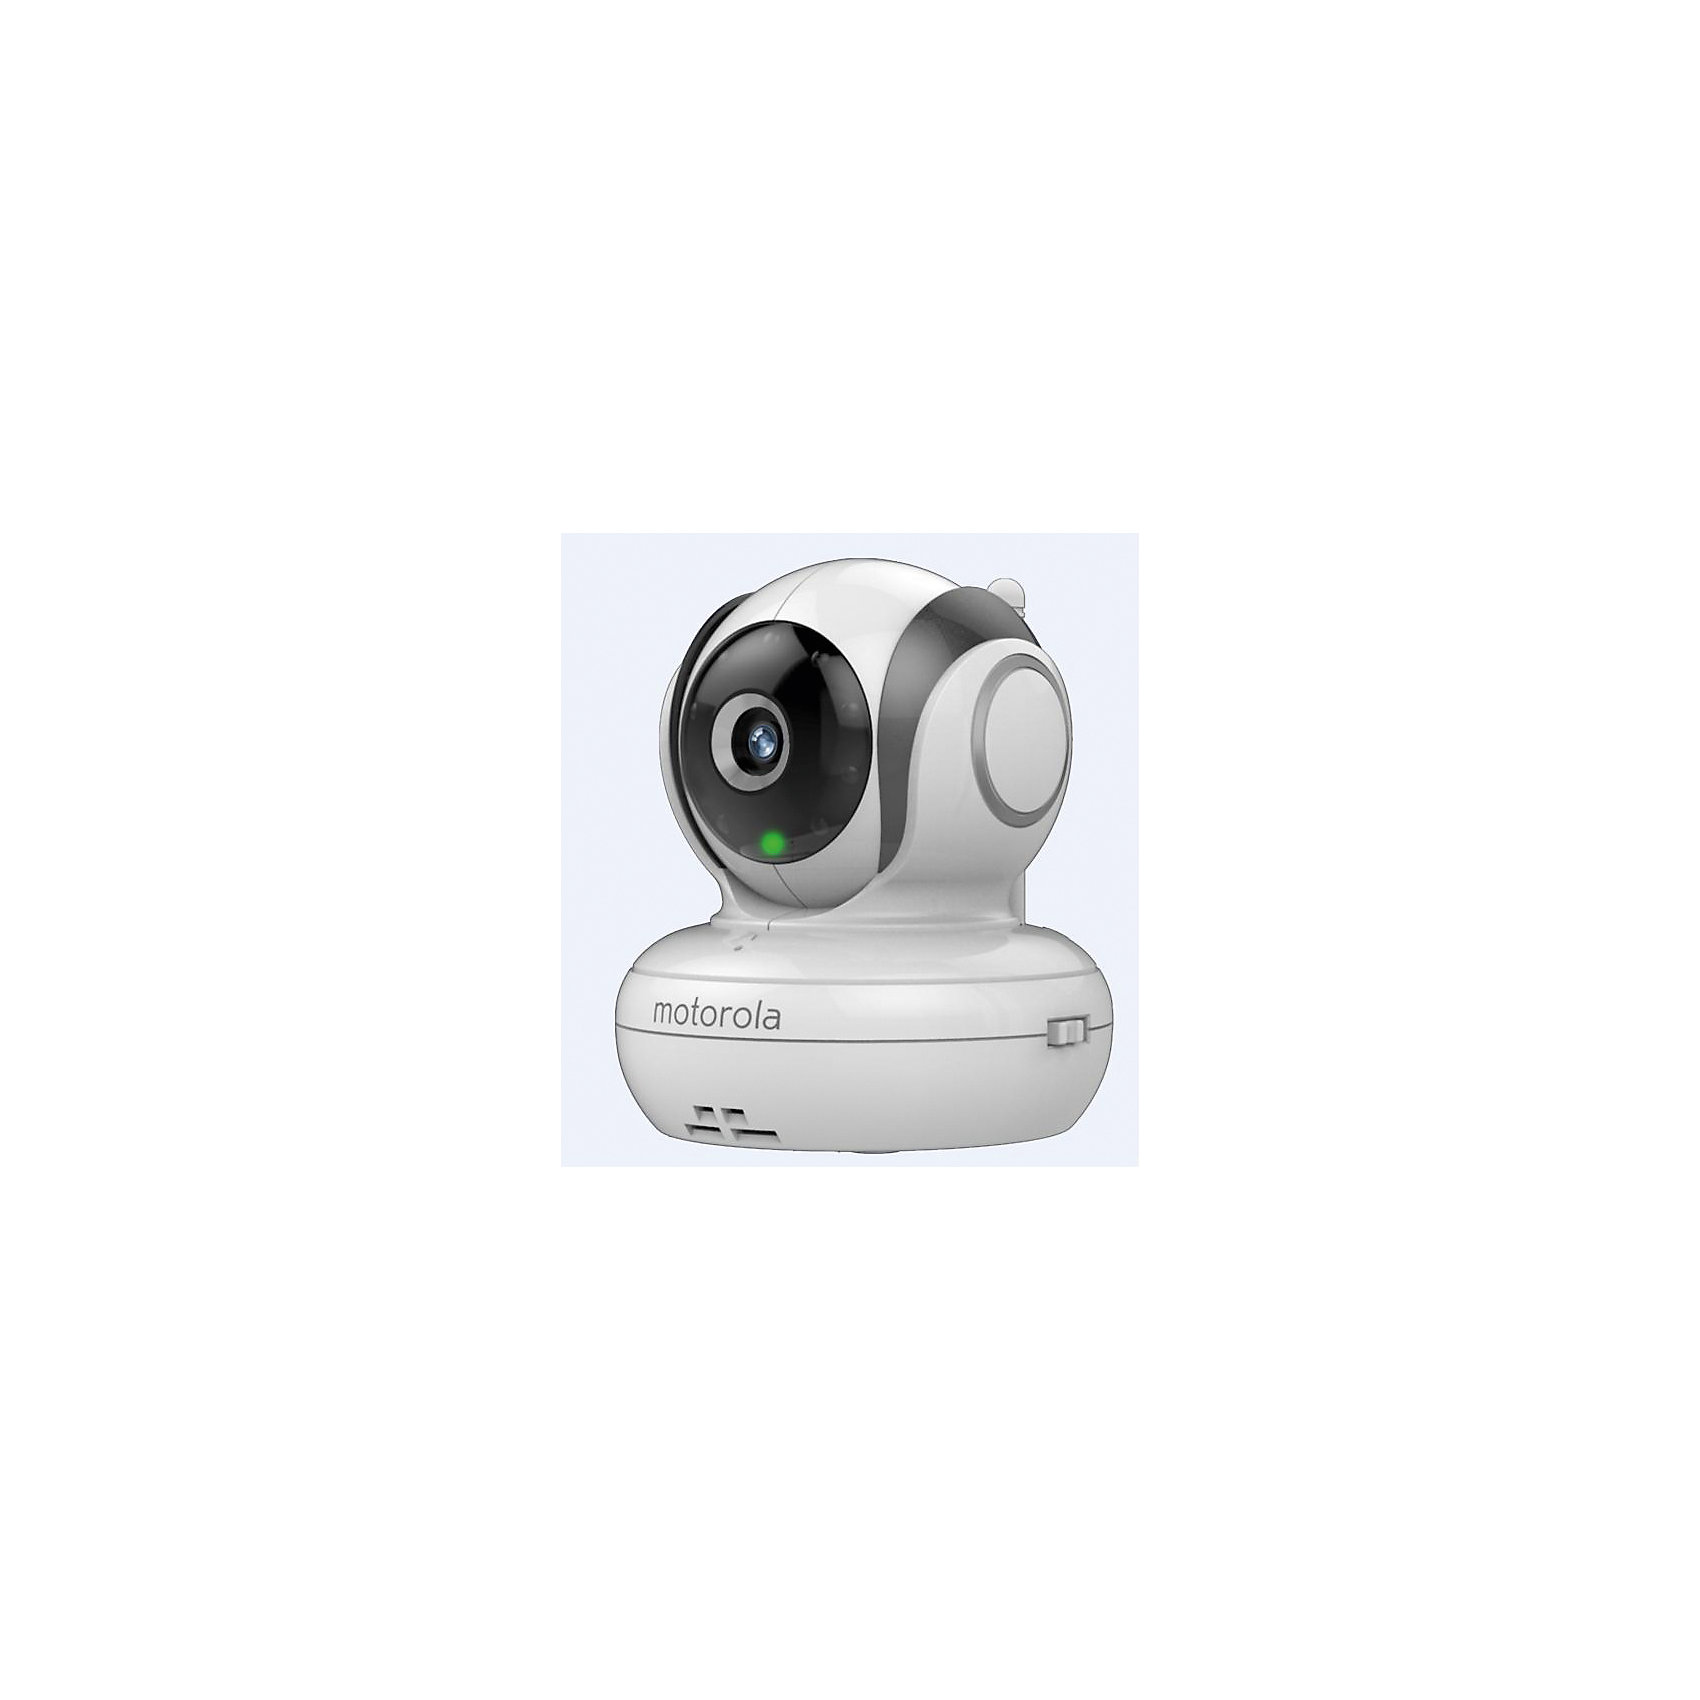 Дополнительная камера Motorola MBP36SBU к видеоняне MBP36S, белыйДетская бытовая техника<br>Дополнительная камера Motorola MBP36SBU к видеоняне MBP36S управляется удаленно с помощью родительского блока, изменяет угол и дальность картинки, оснащена возможностью проигрывать колыбельные.<br><br>Описание:<br>- беспроводная технология FHSS 2,4 Ггц<br>- автоматическое переключение изображений с одной видеокамеры на другую (максимальное число камер - 4)<br>- дистанционное управление - приближение, изменение угла наклона и положения<br>- режим ночного видения<br>- радиус связи - 300 м<br>- 5 колыбельных мелодий<br>- высокочувствительный микрофон<br>- двусторонняя связь<br>- работает от сети<br><br>В комплекте:<br>- камера<br>- адаптер питания<br><br>Ширина мм: 230<br>Глубина мм: 160<br>Высота мм: 84<br>Вес г: 400<br>Возраст от месяцев: 4<br>Возраст до месяцев: 36<br>Пол: Унисекс<br>Возраст: Детский<br>SKU: 5445331